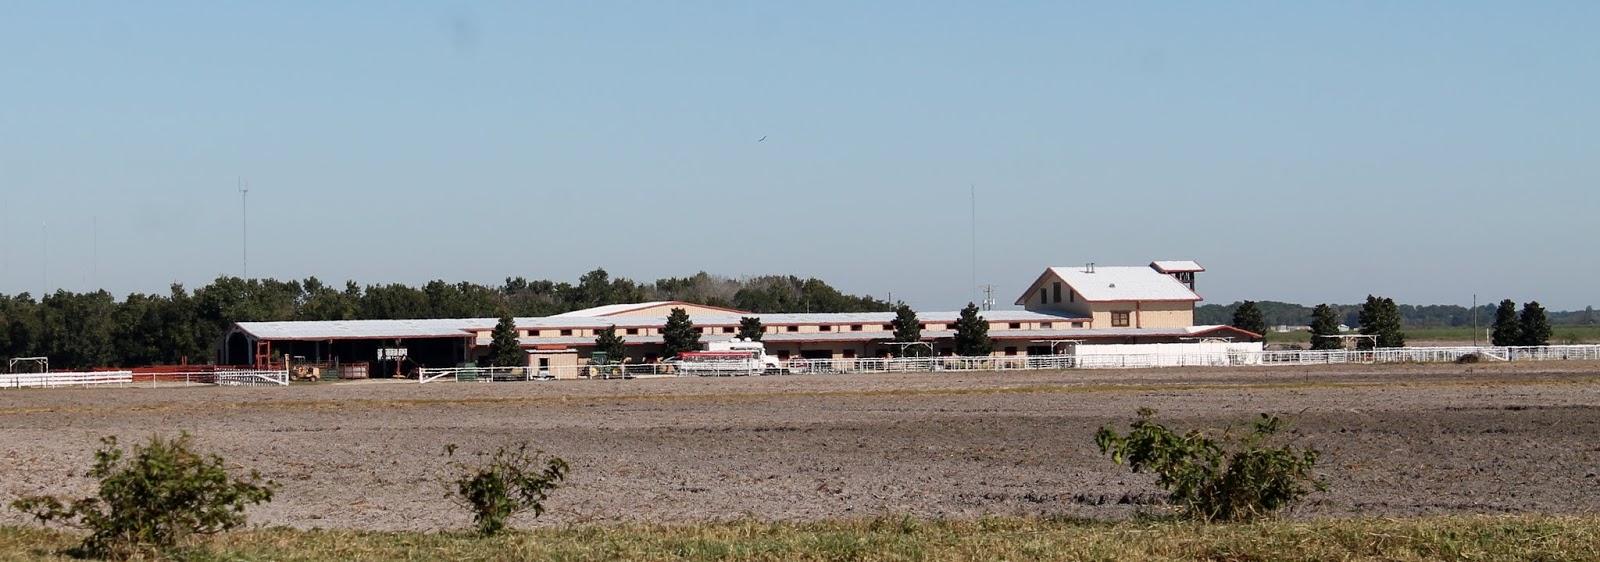 Vaquerías, plantaciones y mercados agrícolas en las áreas rurales de Hillsborough County